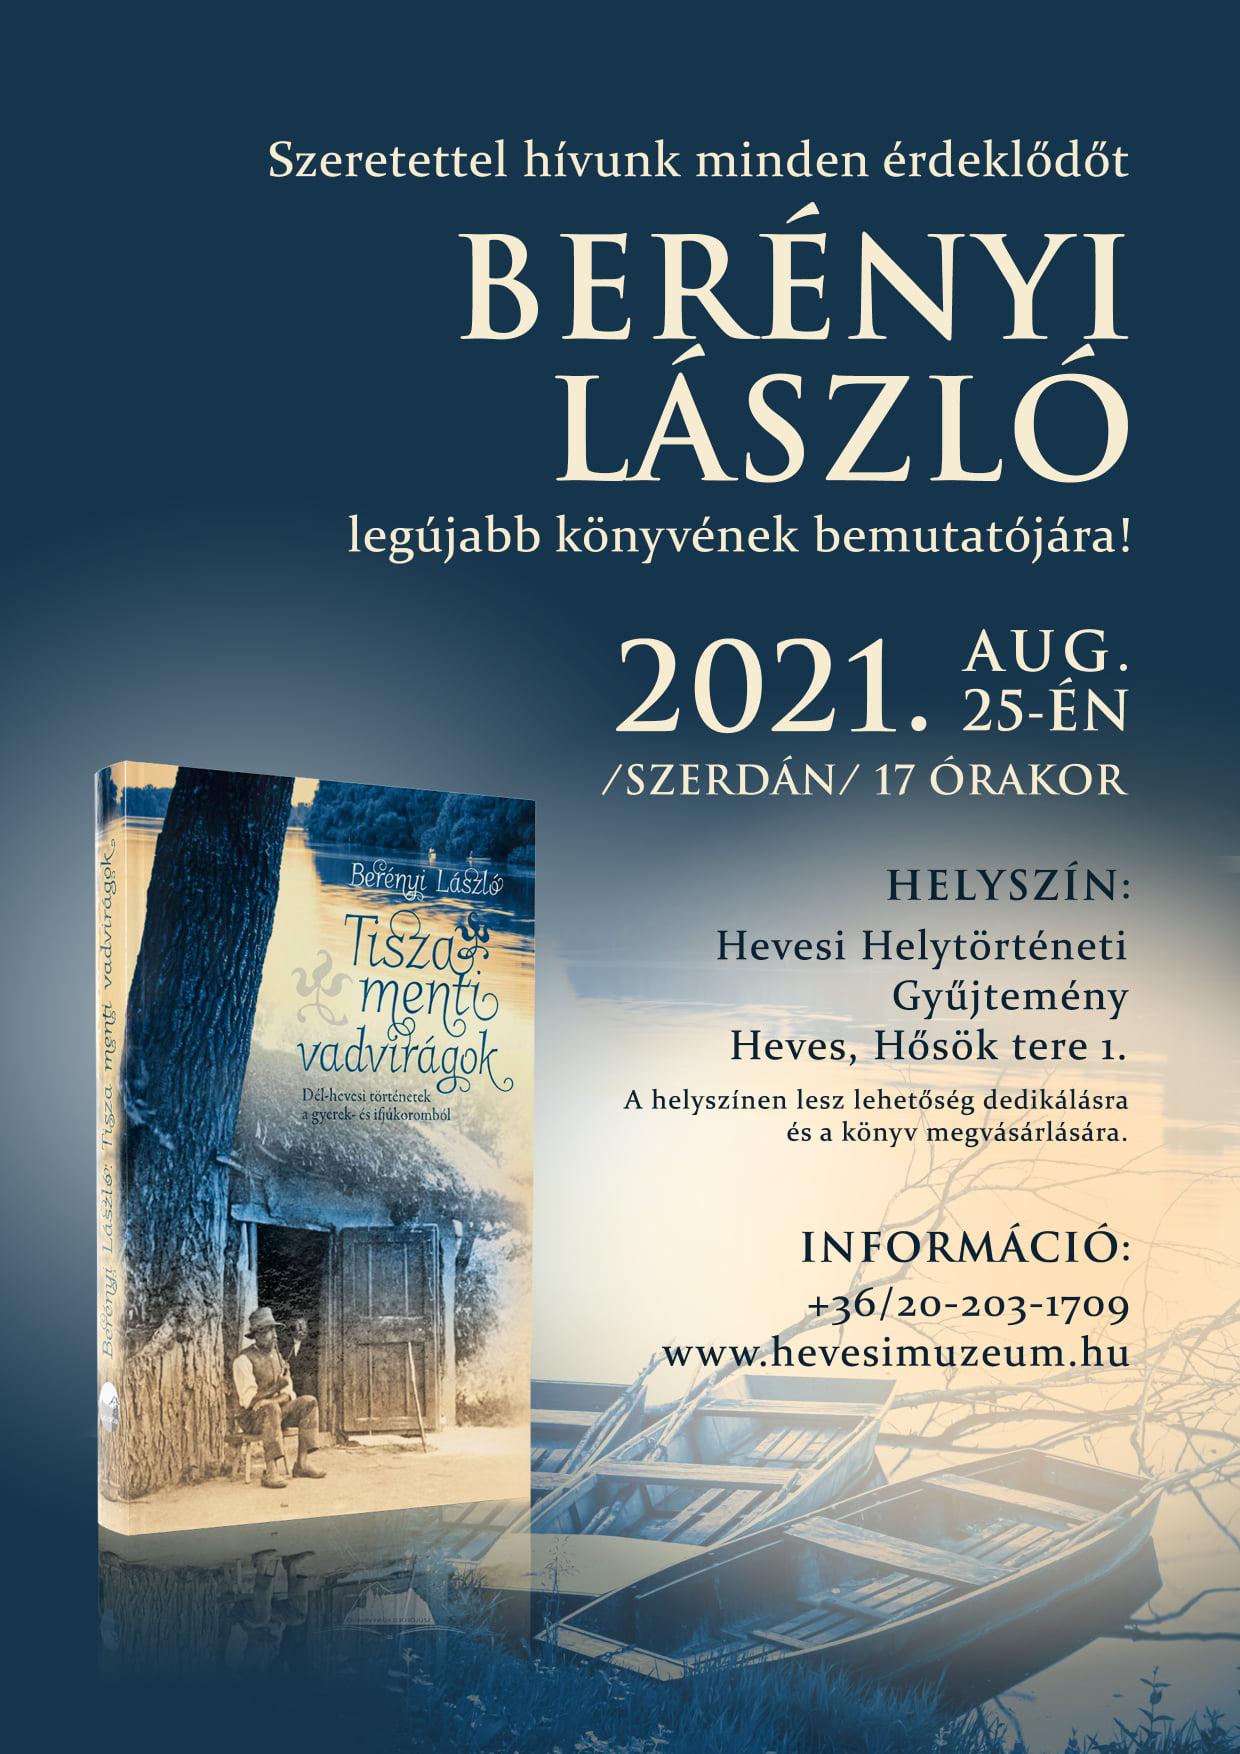 Berényi László könyvbemutató (08.25.)